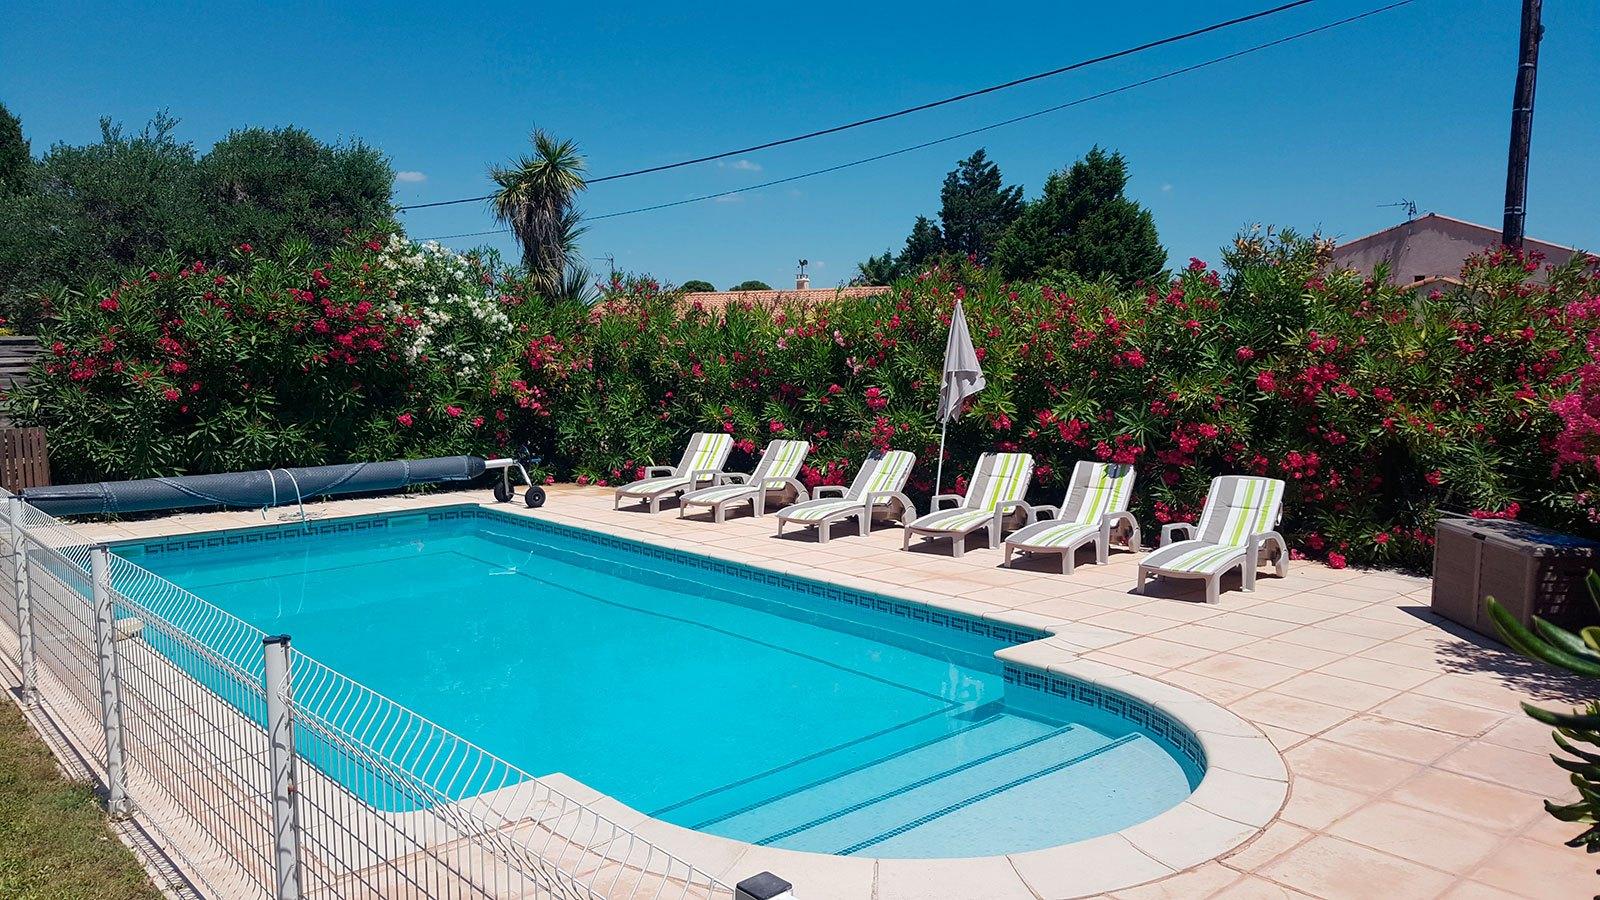 Location La villa romana avec une piscine privée chauffée